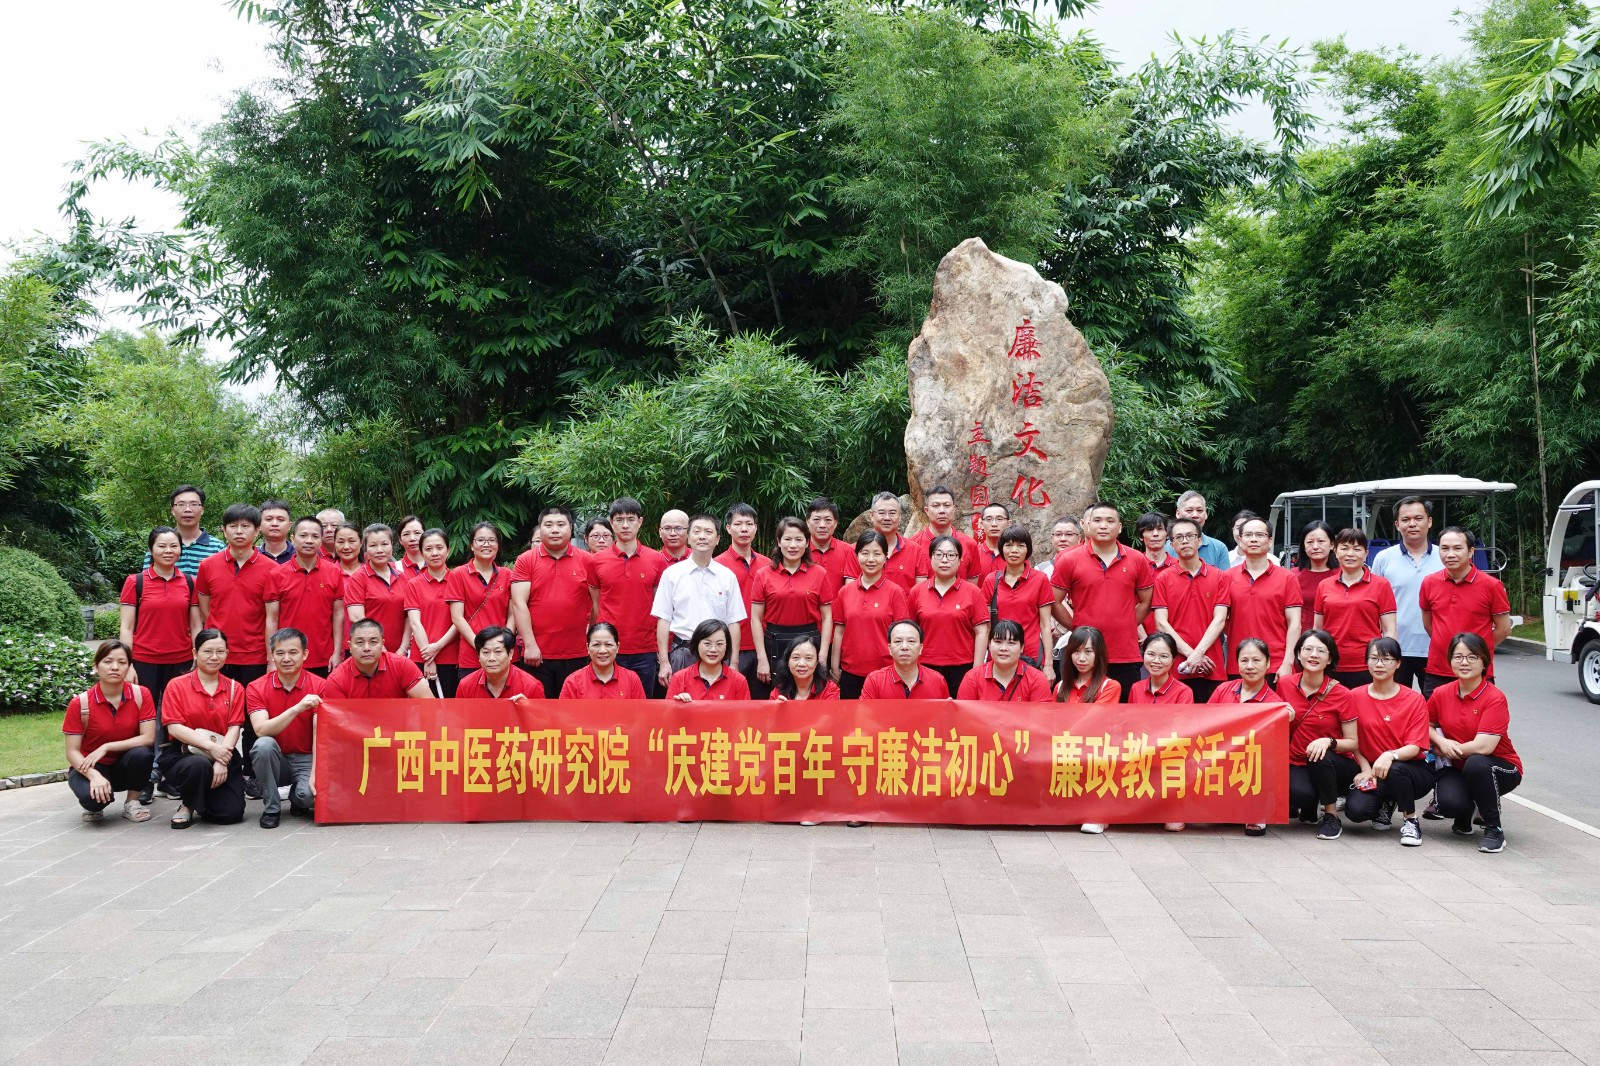 庆建党百年 守廉洁初心——广西中医药研究院开展廉政教育活动